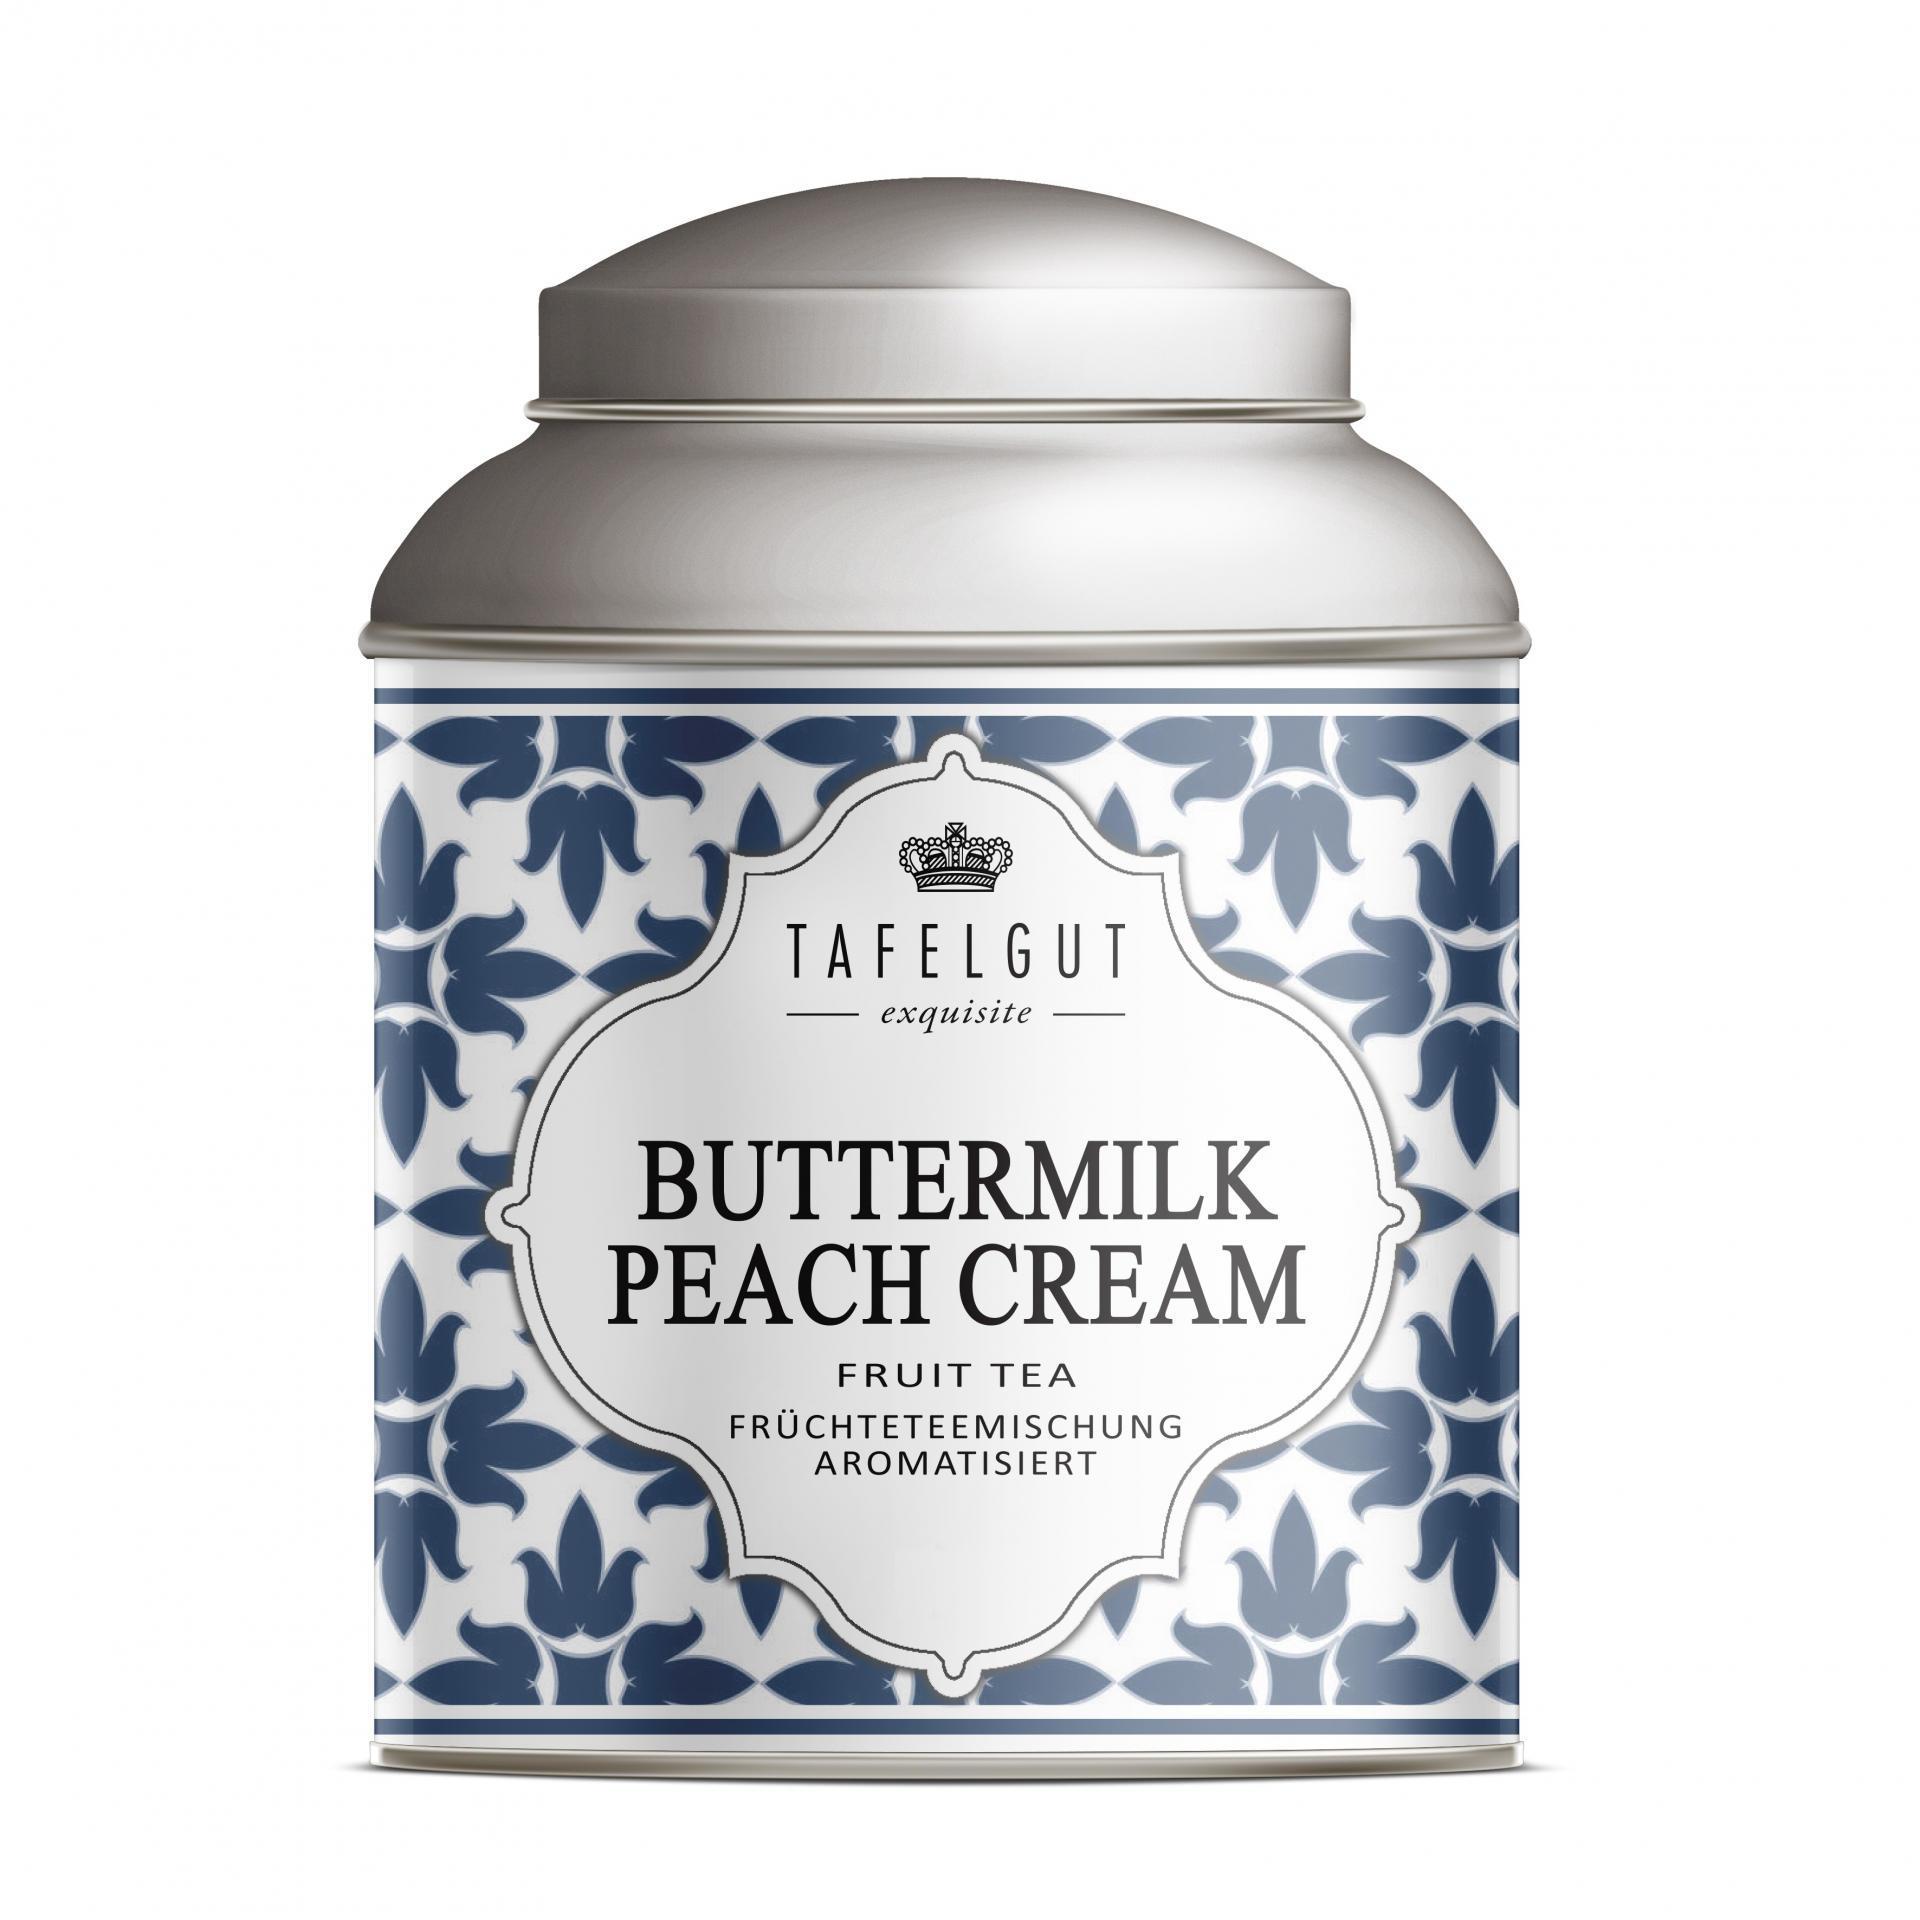 TAFELGUT Mini ovocný čaj Buttermilk Peach Cream - 30gr, modrá barva, bílá barva, kov